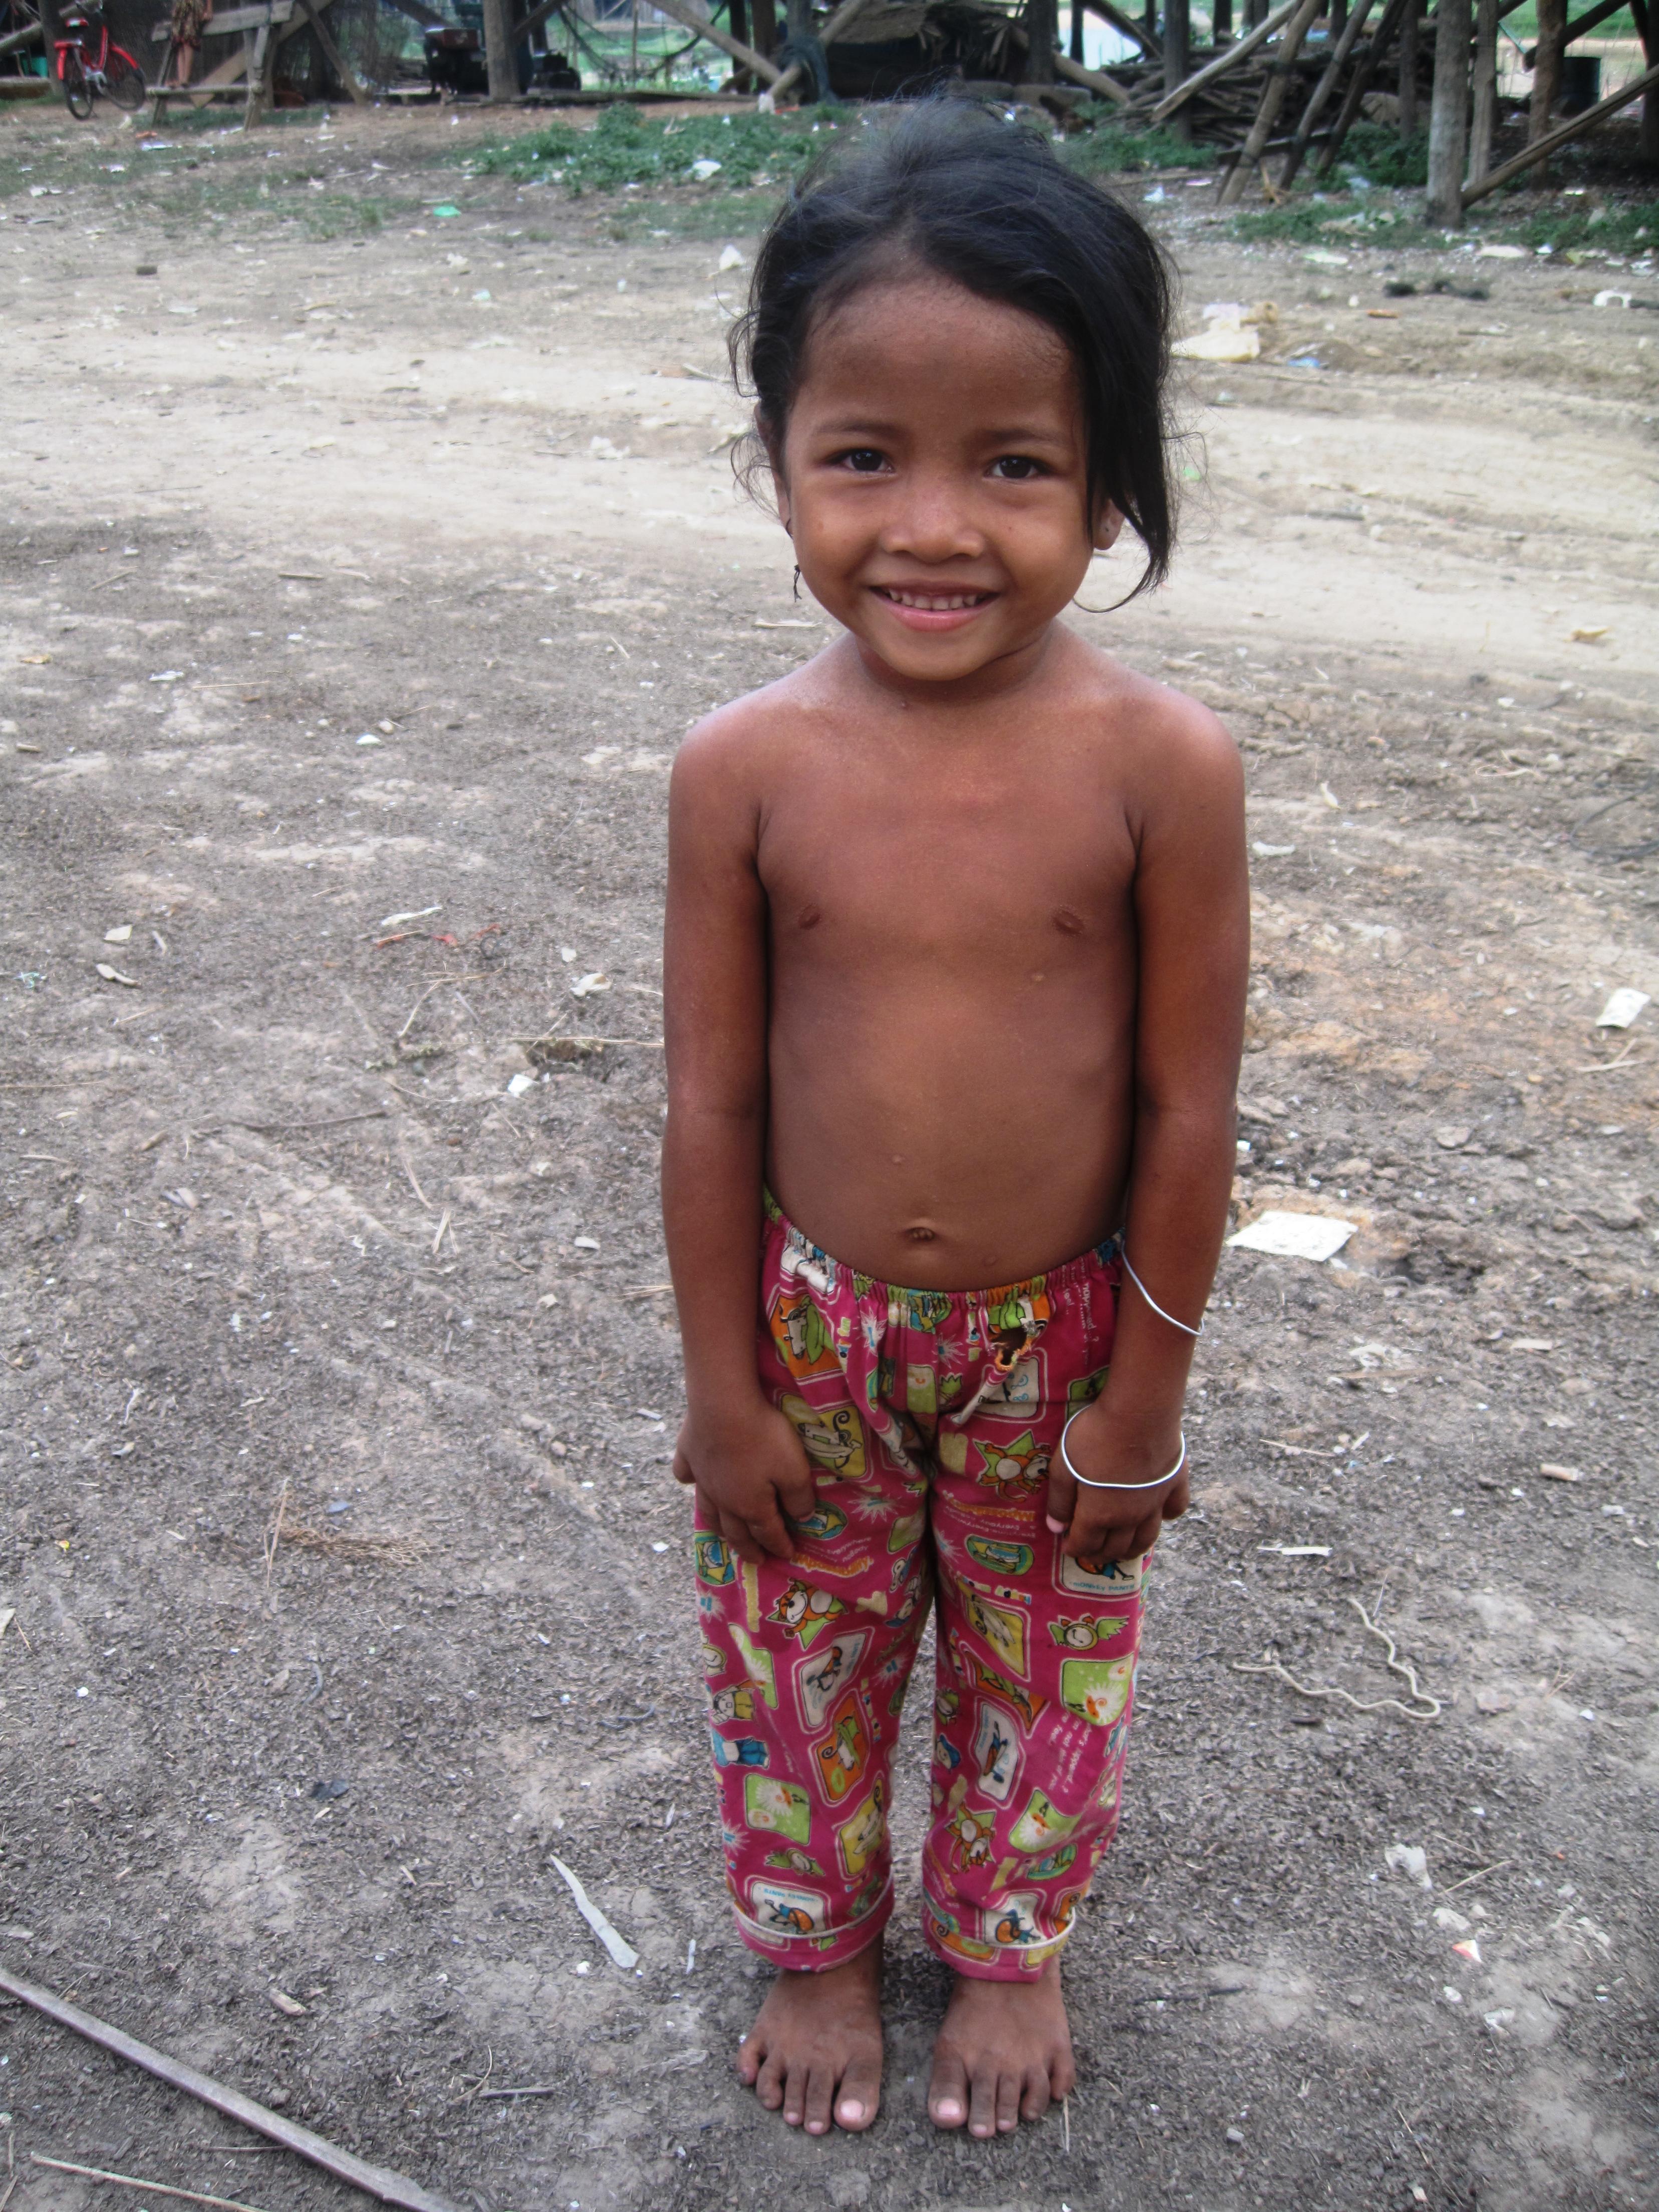 Cambodia child File:Children in Cambodia 01.JPG